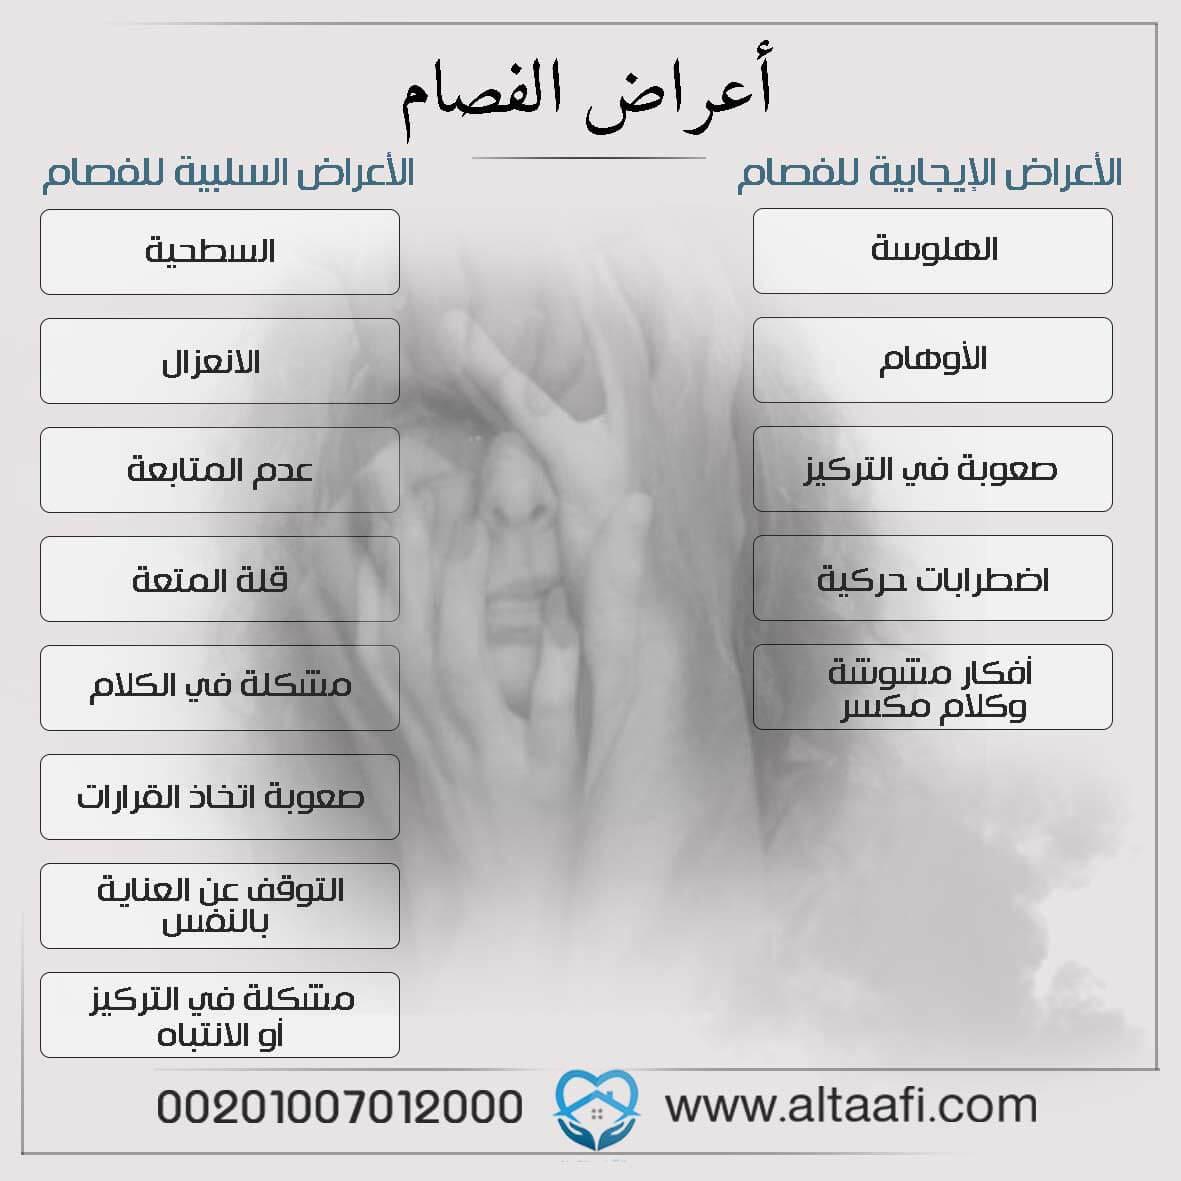 أعراض الفصام